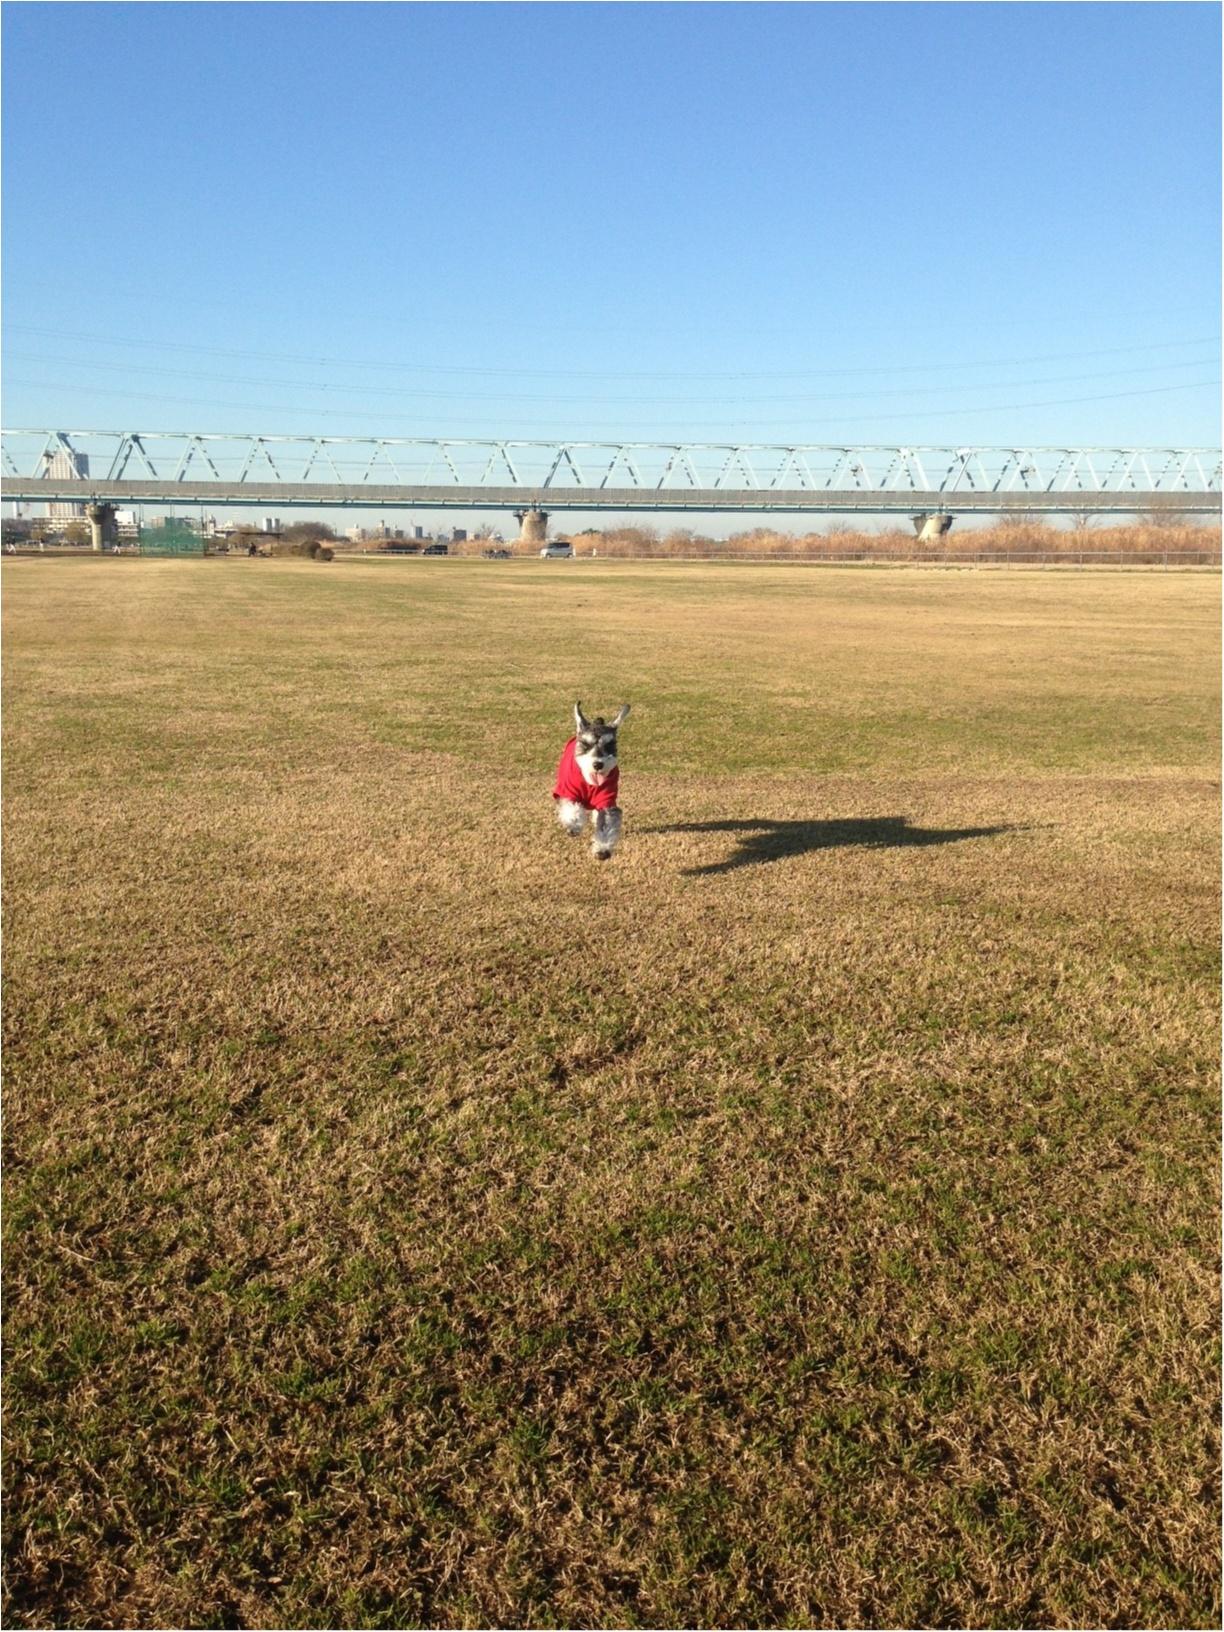 【今日のわんこ】青空最高! サクラちゃんはお散歩日和を満喫中♡_1